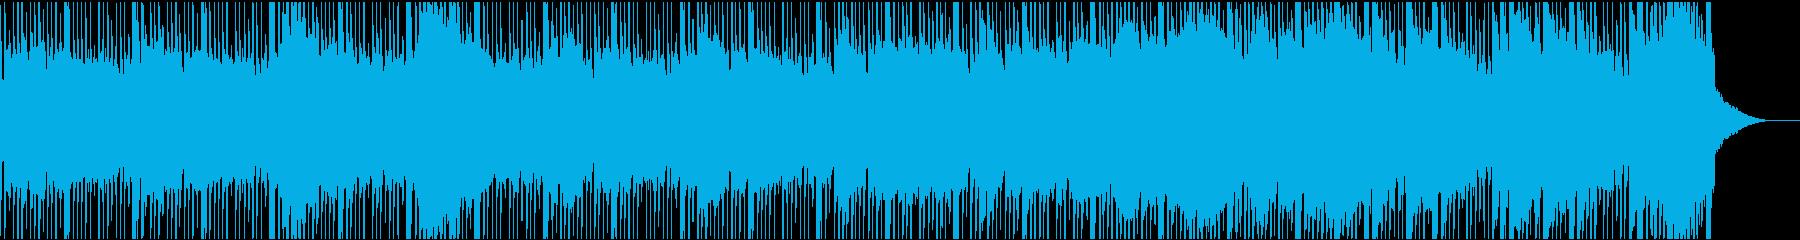 シリアスな考え事をしているような曲の再生済みの波形